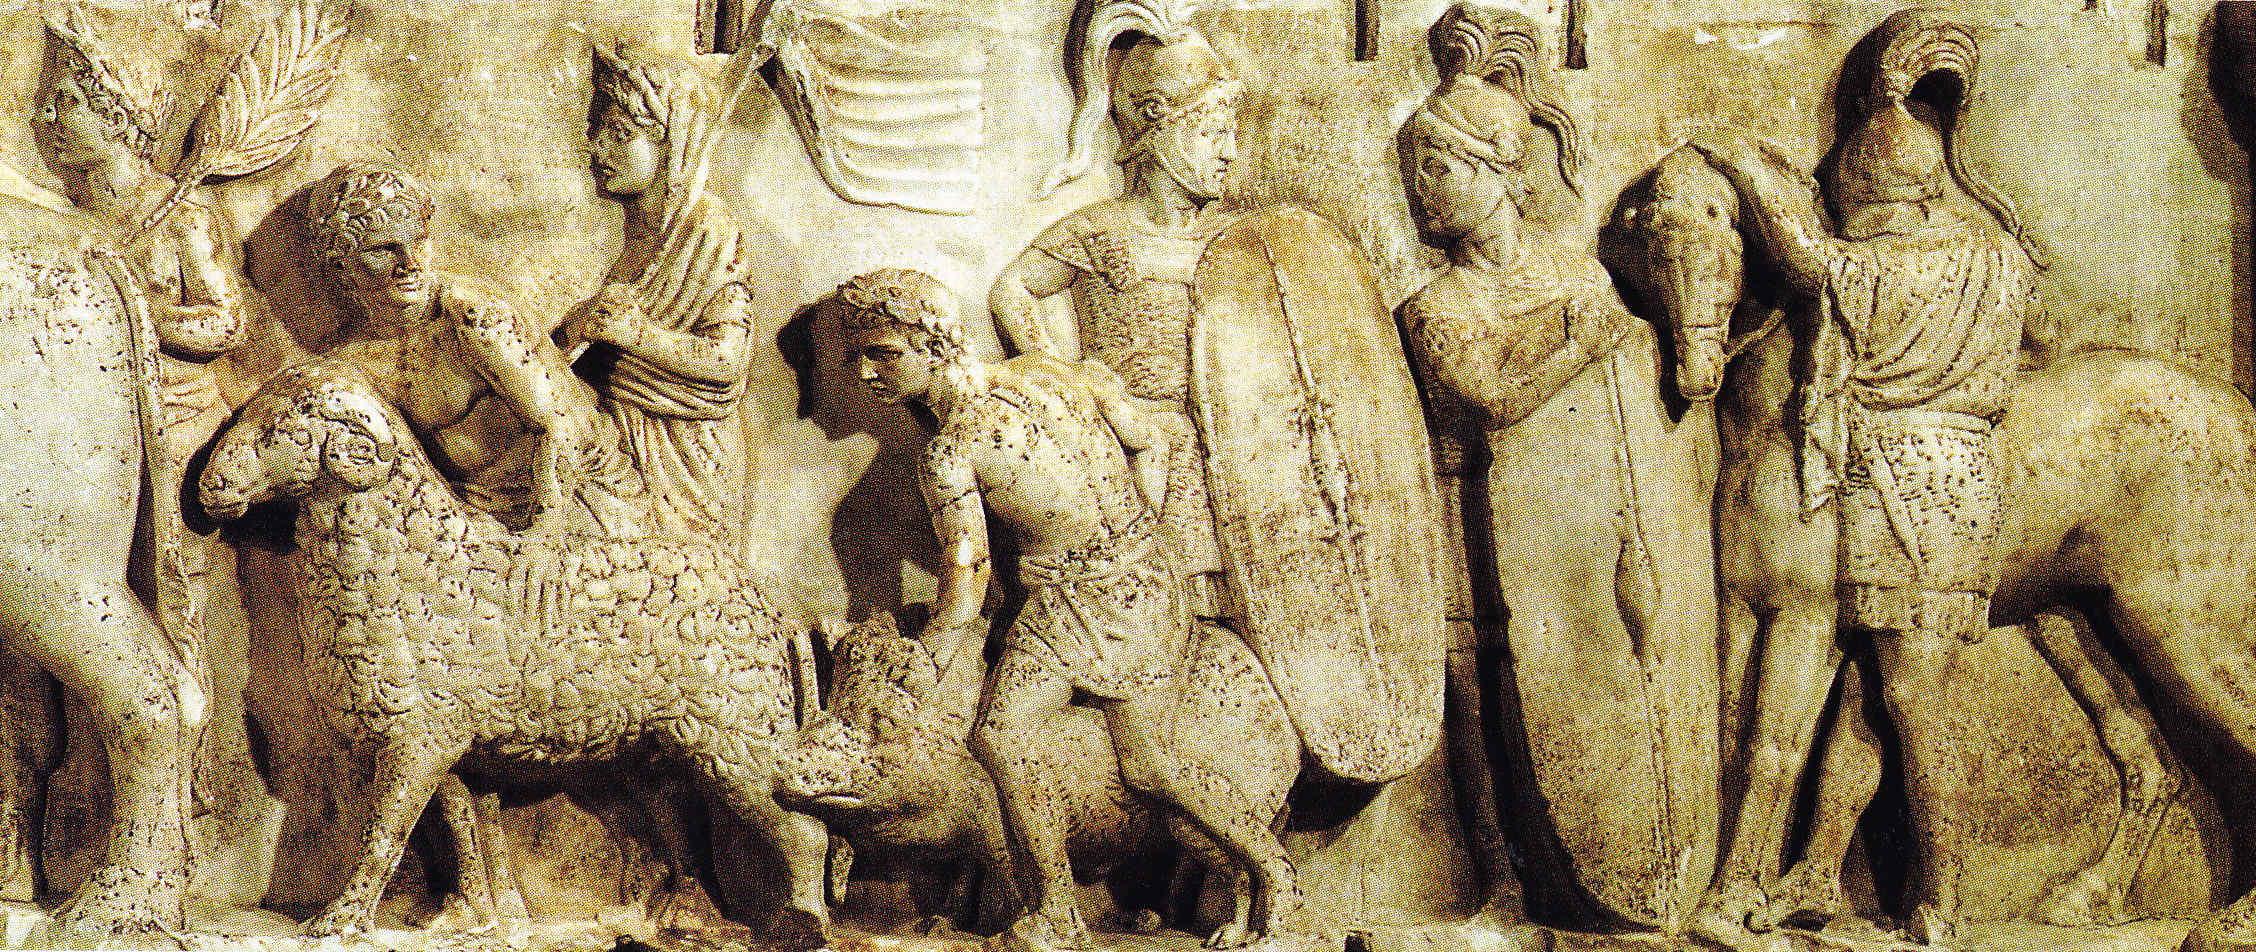 Egipto Antiguo 147 Obras y más obras